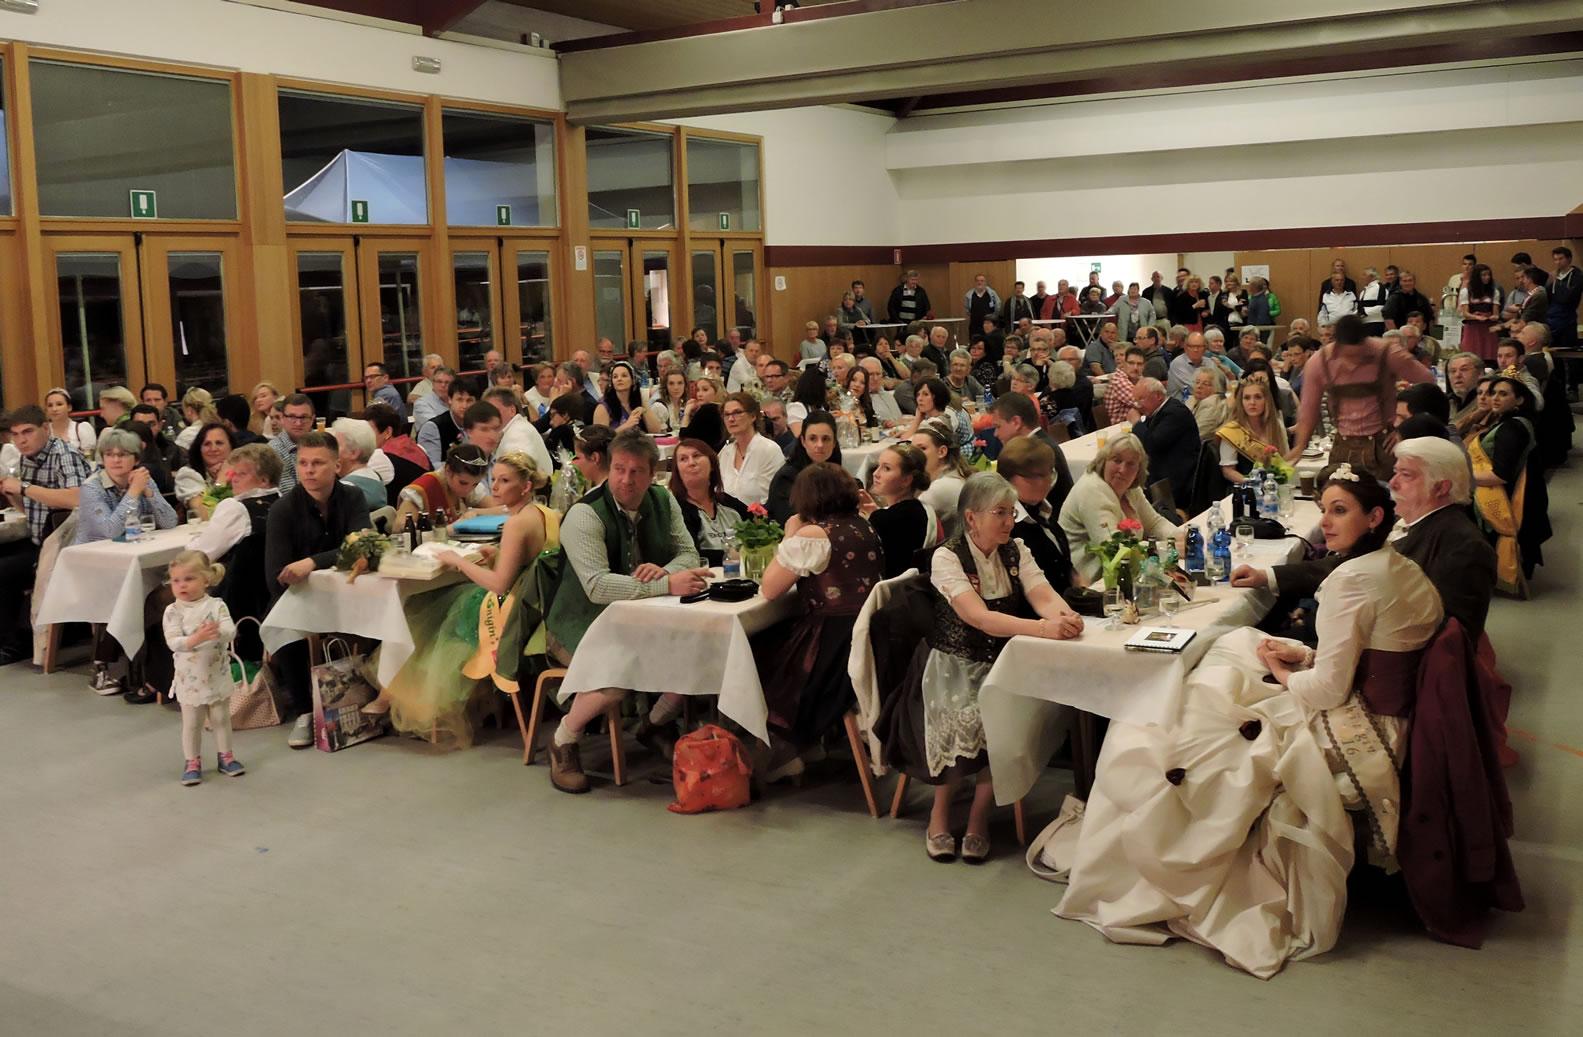 Königinnenfestival Natz Schabs 5